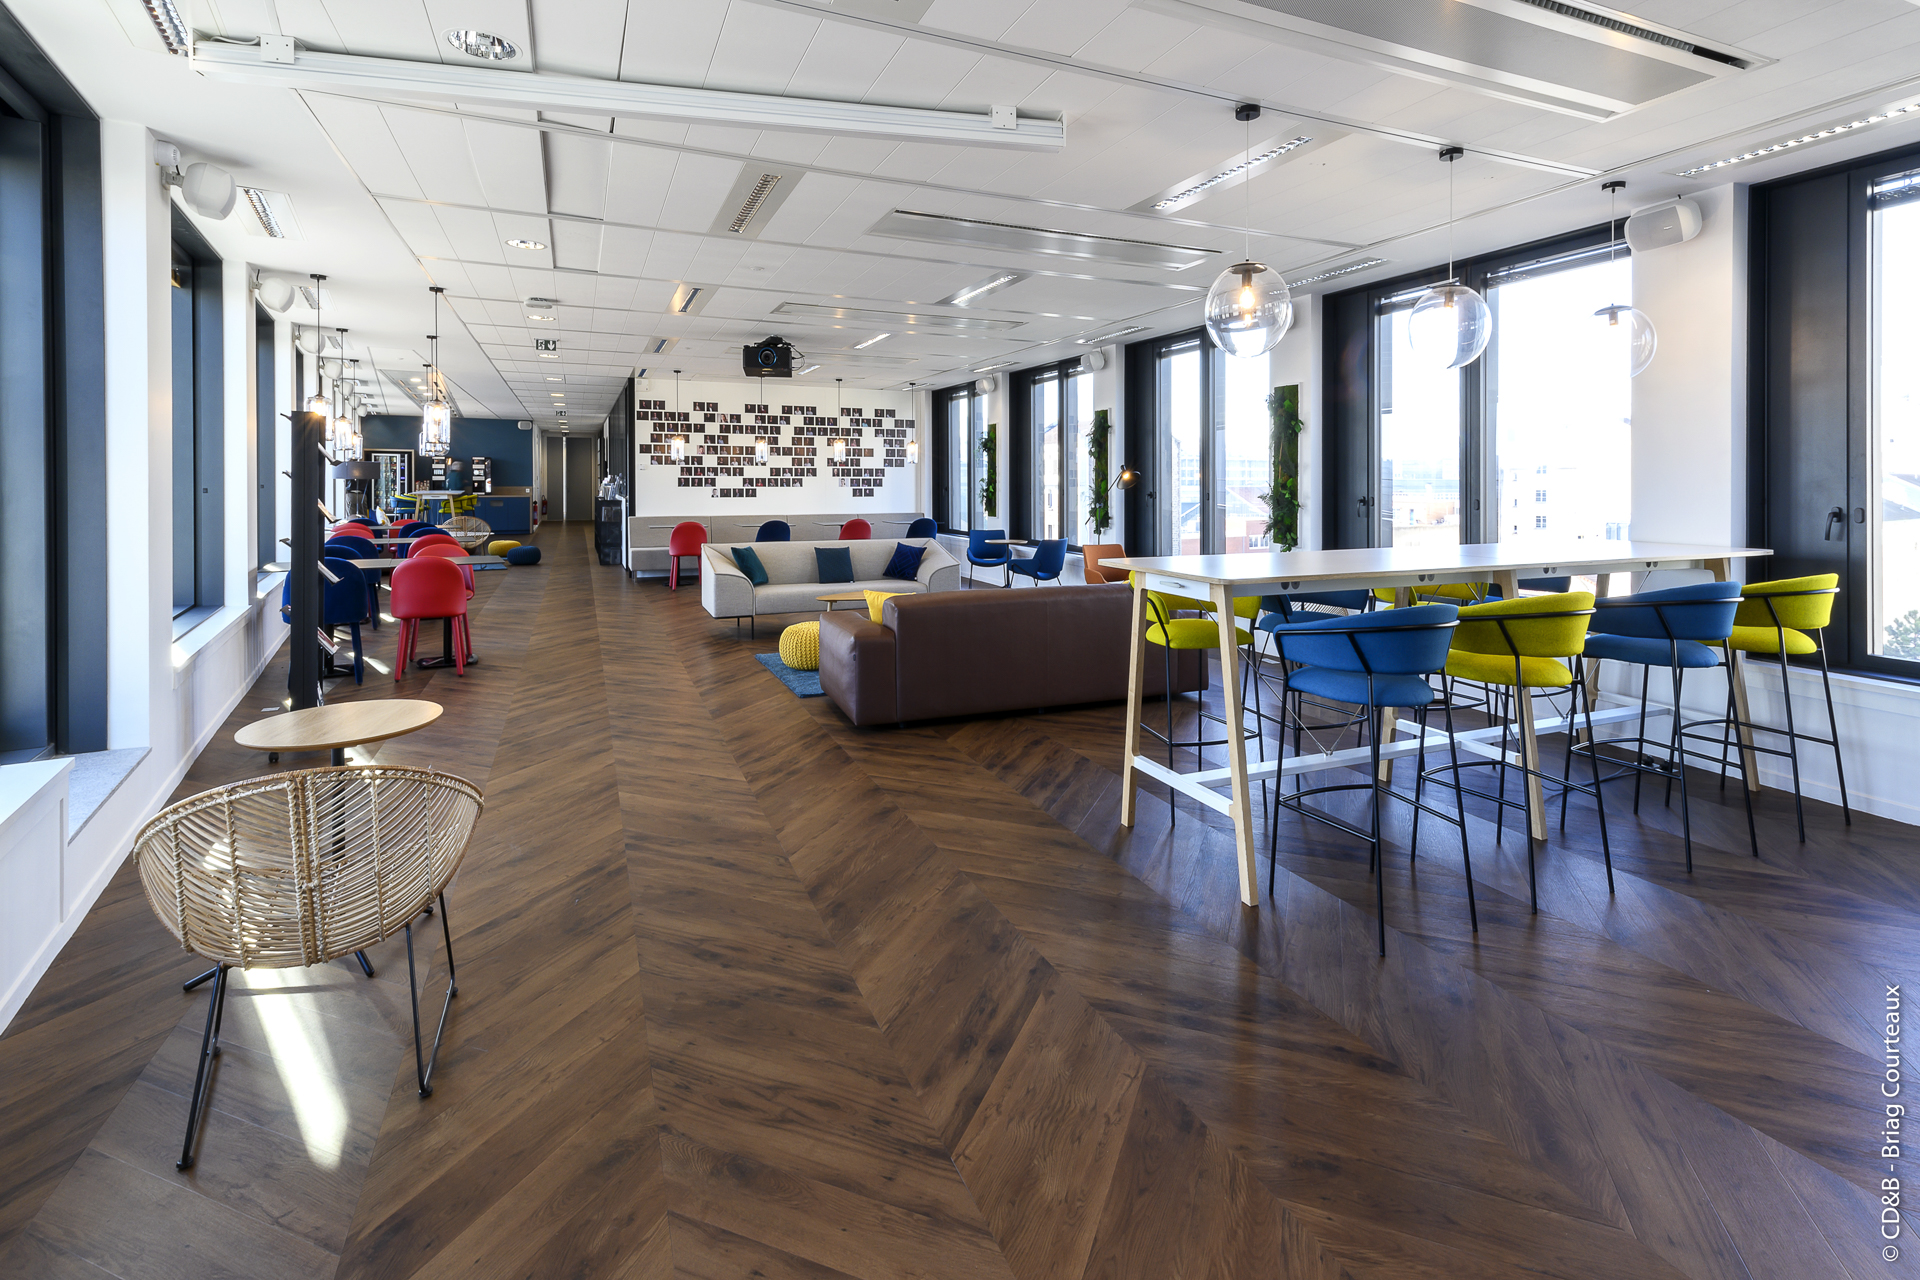 Conseil, aménagement, conception et réalisation des espaces de bureaux de la société SEPPIC par CDB, Meet you there.